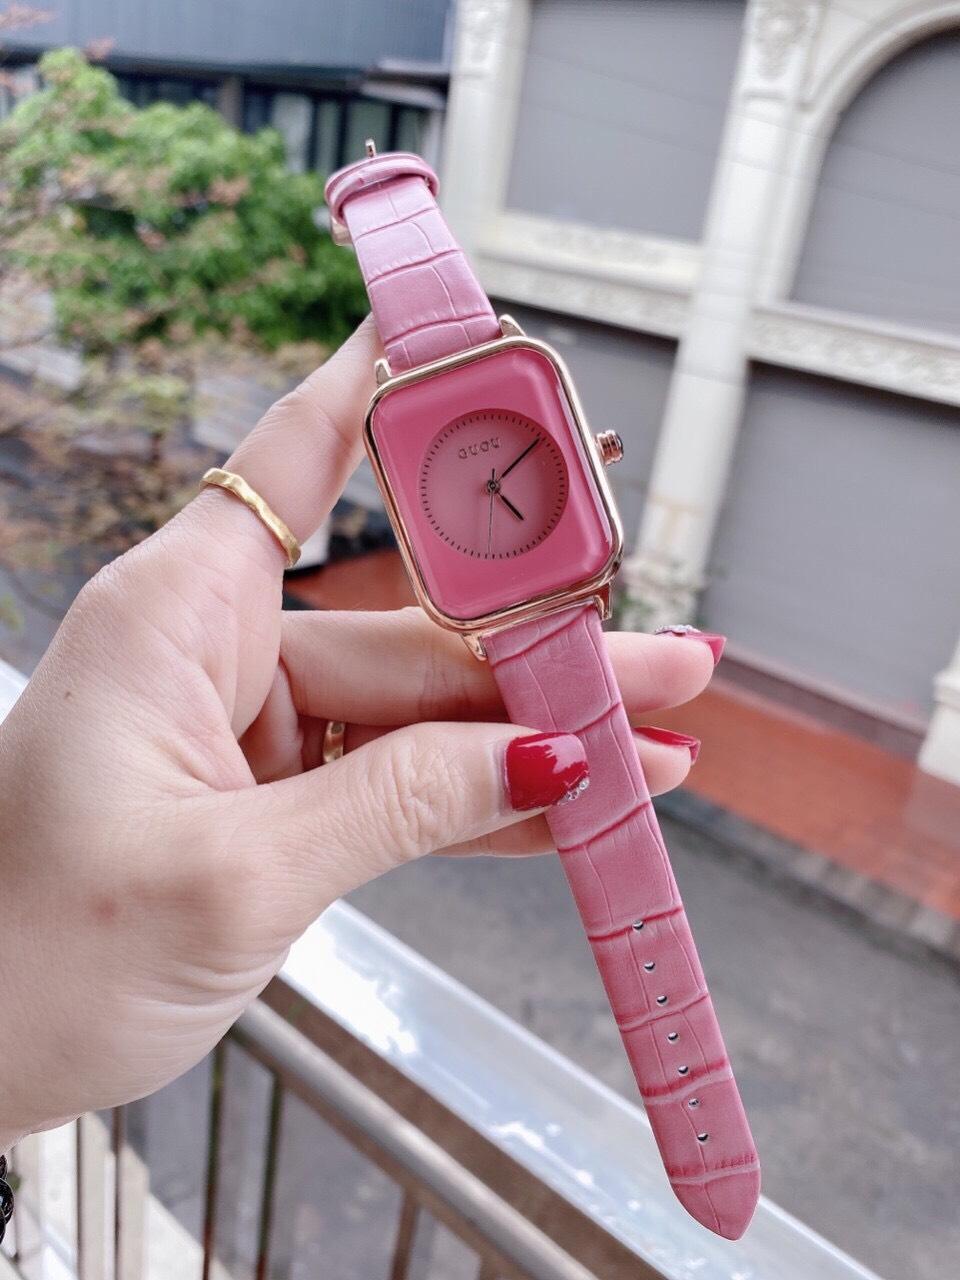 Đồng hồ Nữ GUOU Dây Mềm Mại đeo rất êm tay, Chống Nước Tốt, Bảo Hành Máy 12 Tháng Toàn Quốc 4